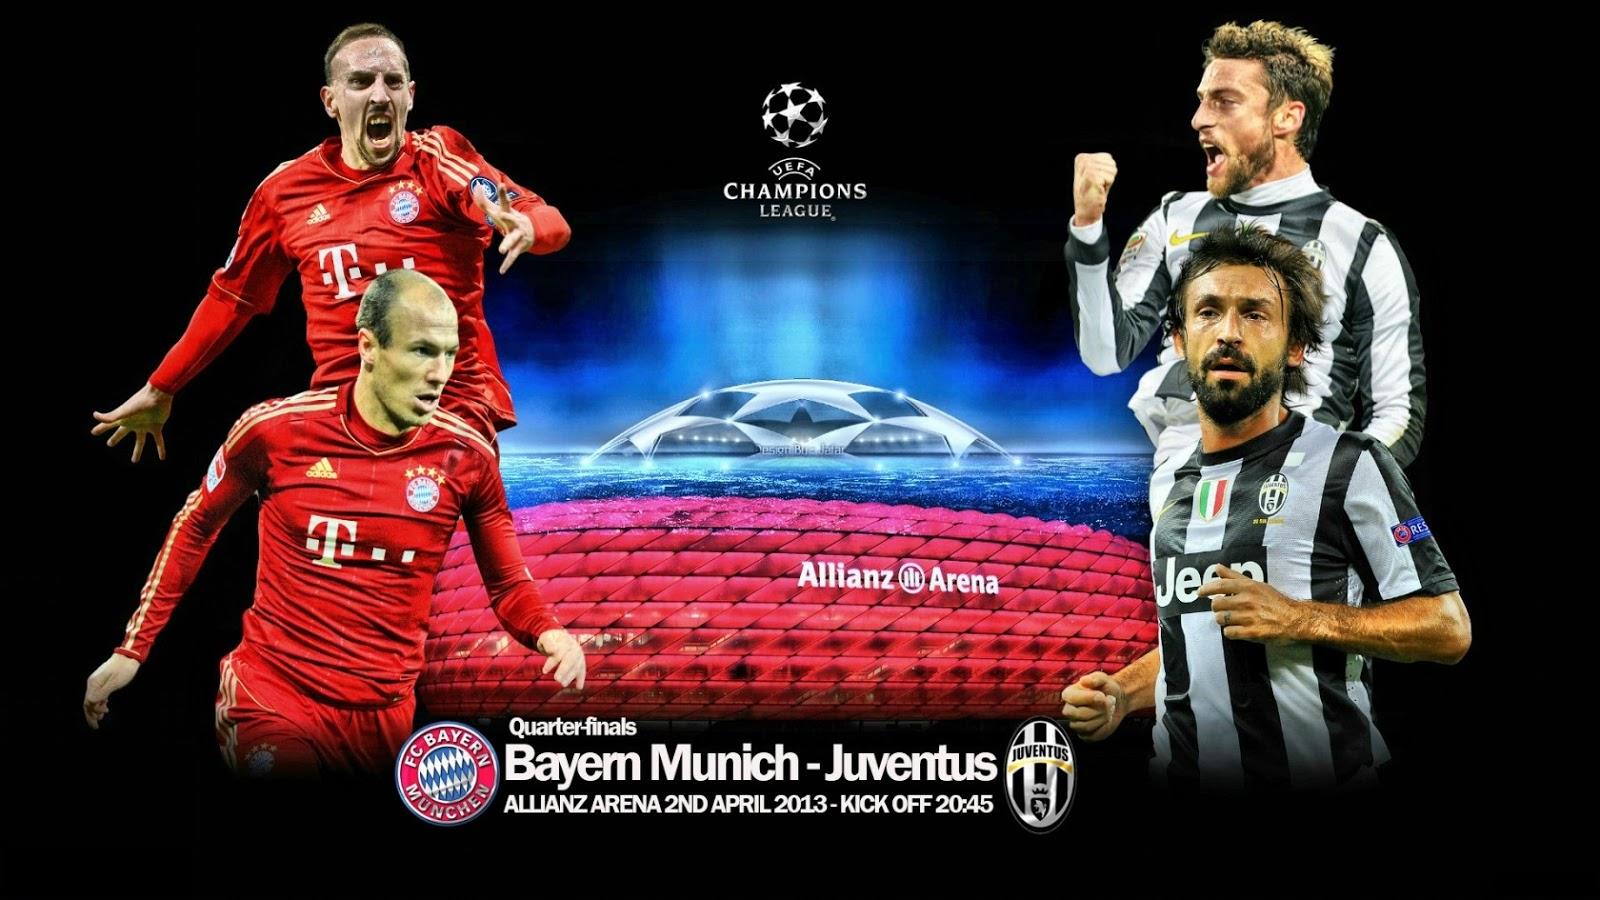 München Juventus